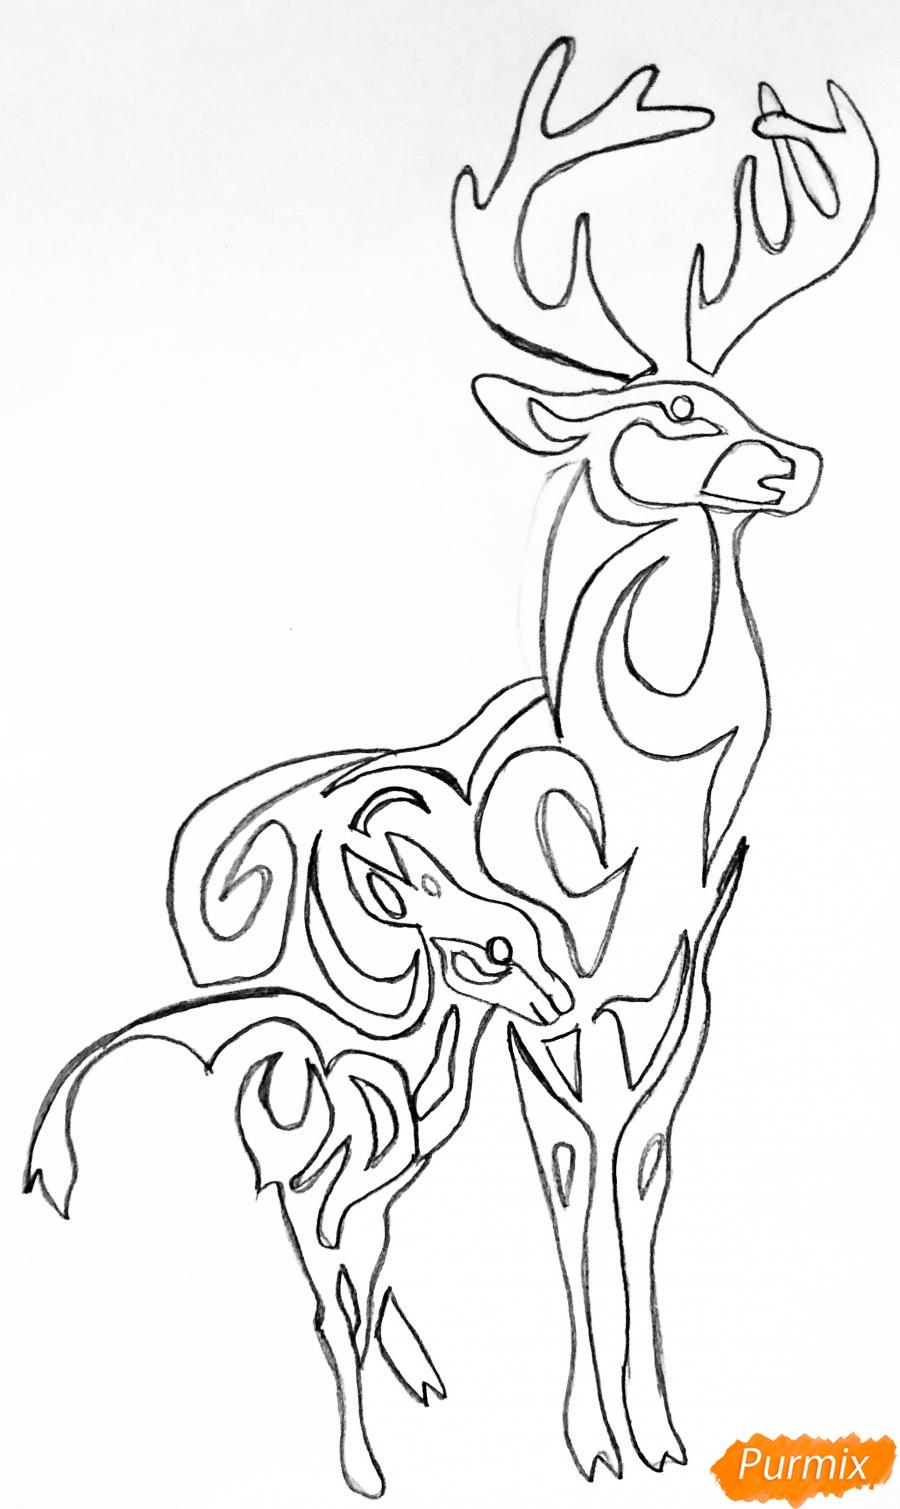 Рисуем оленя и оленёнка в стиле тату - шаг 5